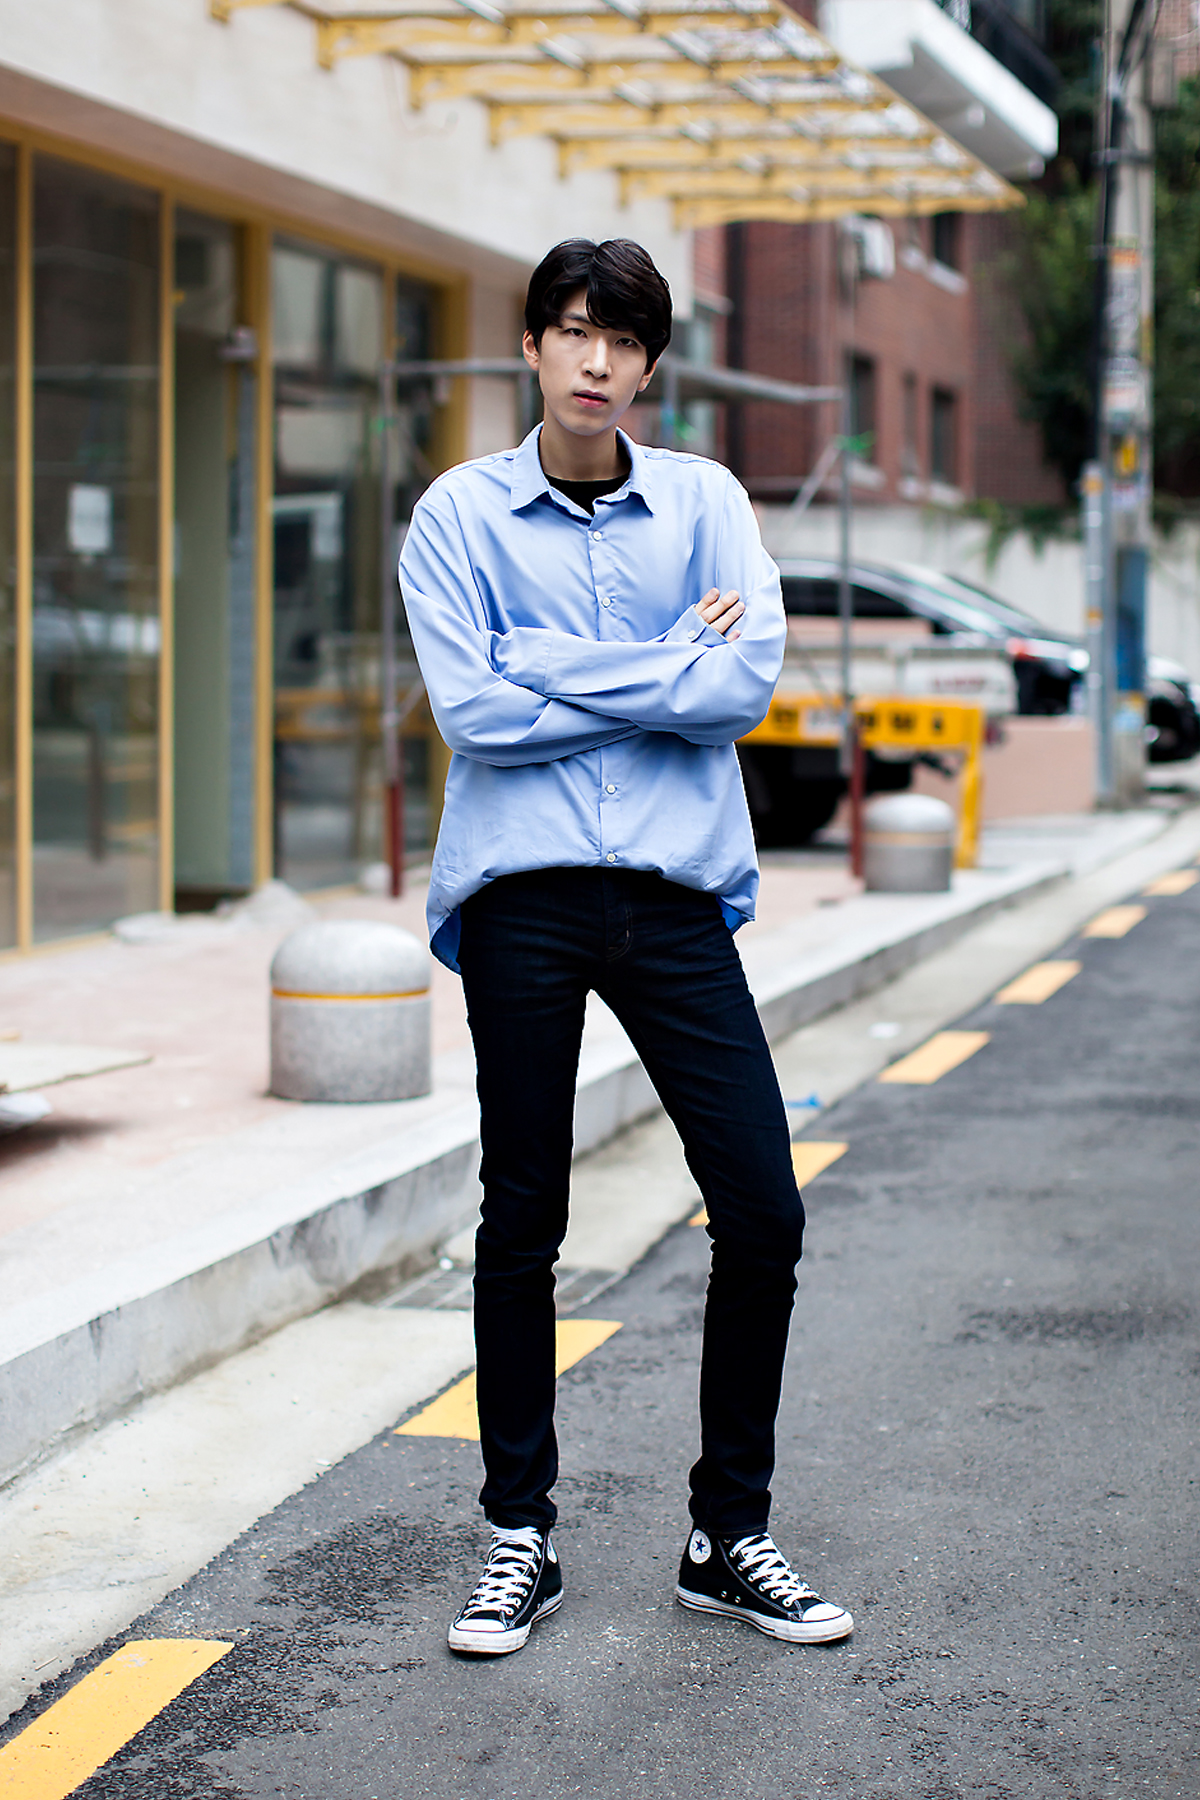 Lee Sungjoong, Street Fashion 2017 in Seoul.jpg